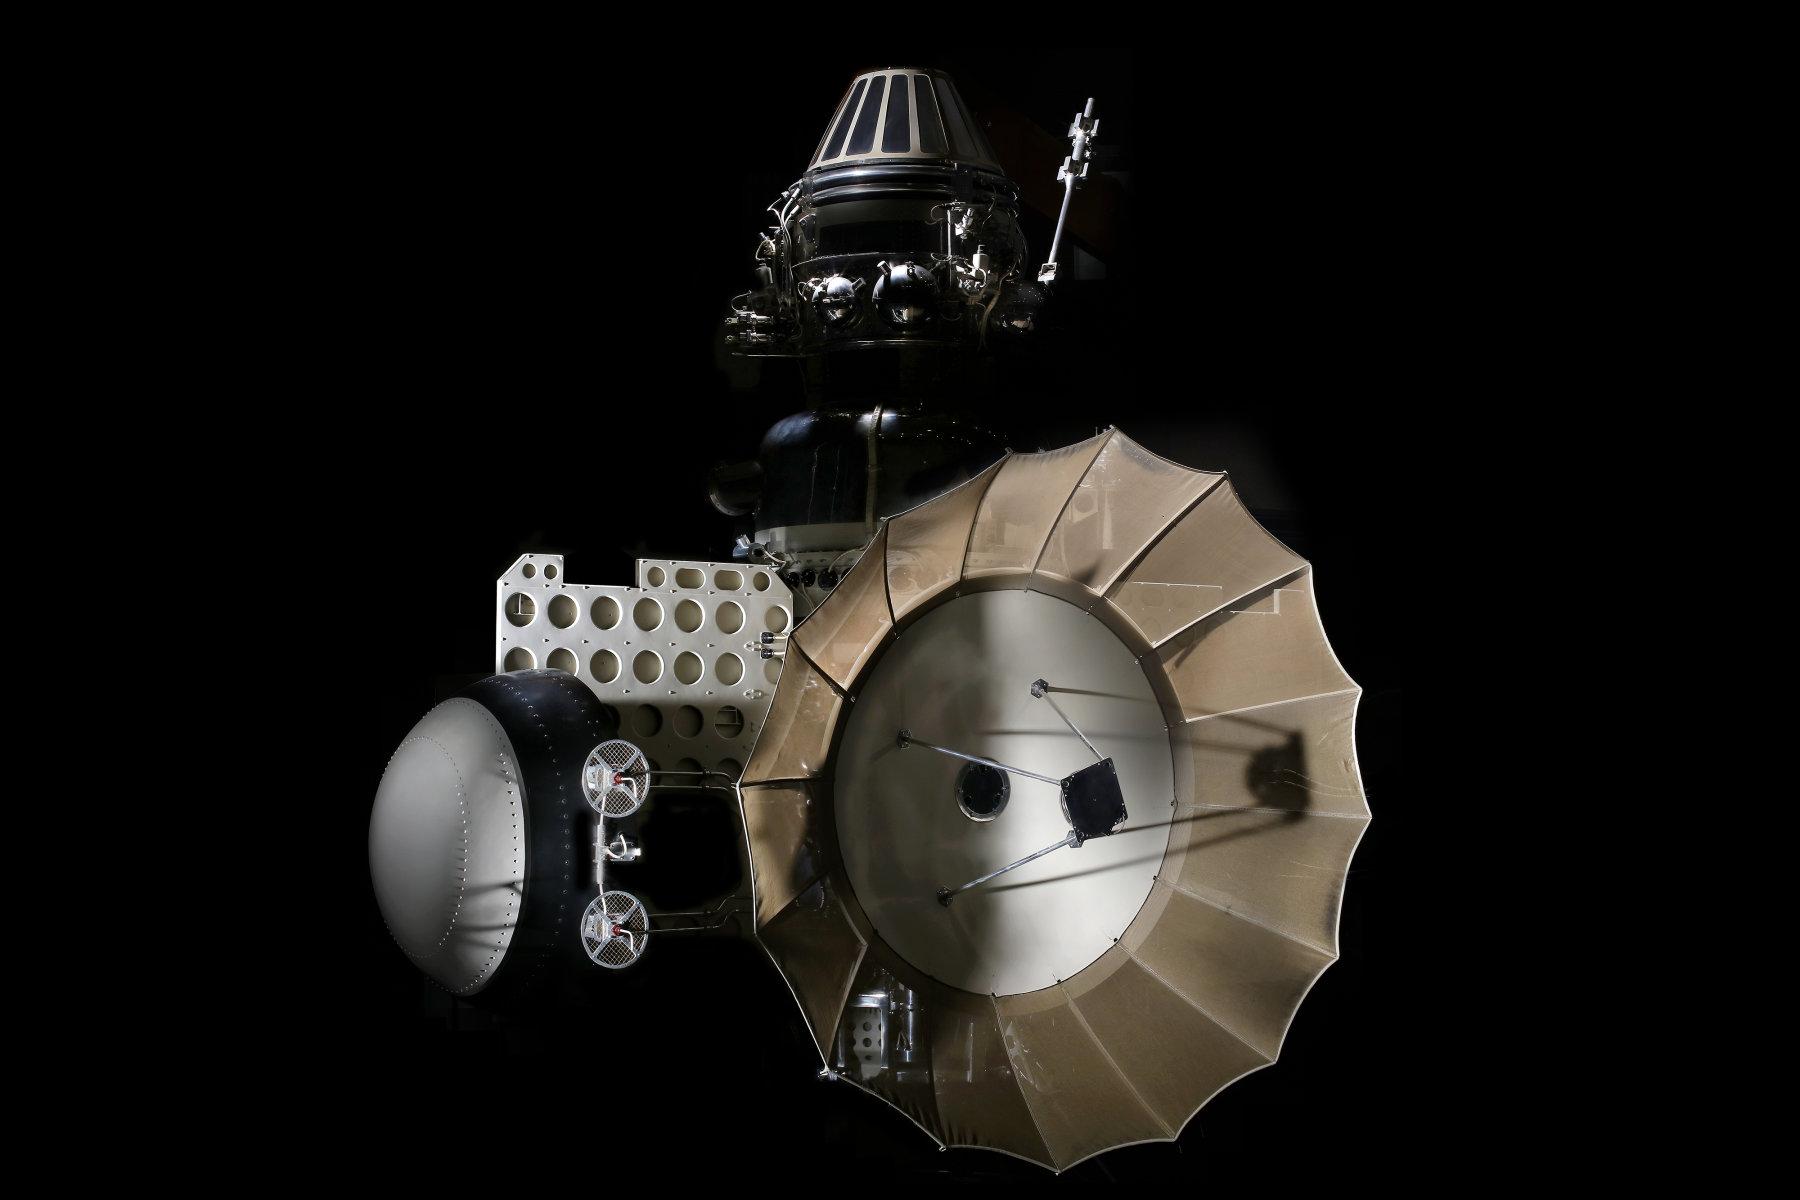 Автоматическая межпланетная станция «Зонд-3»